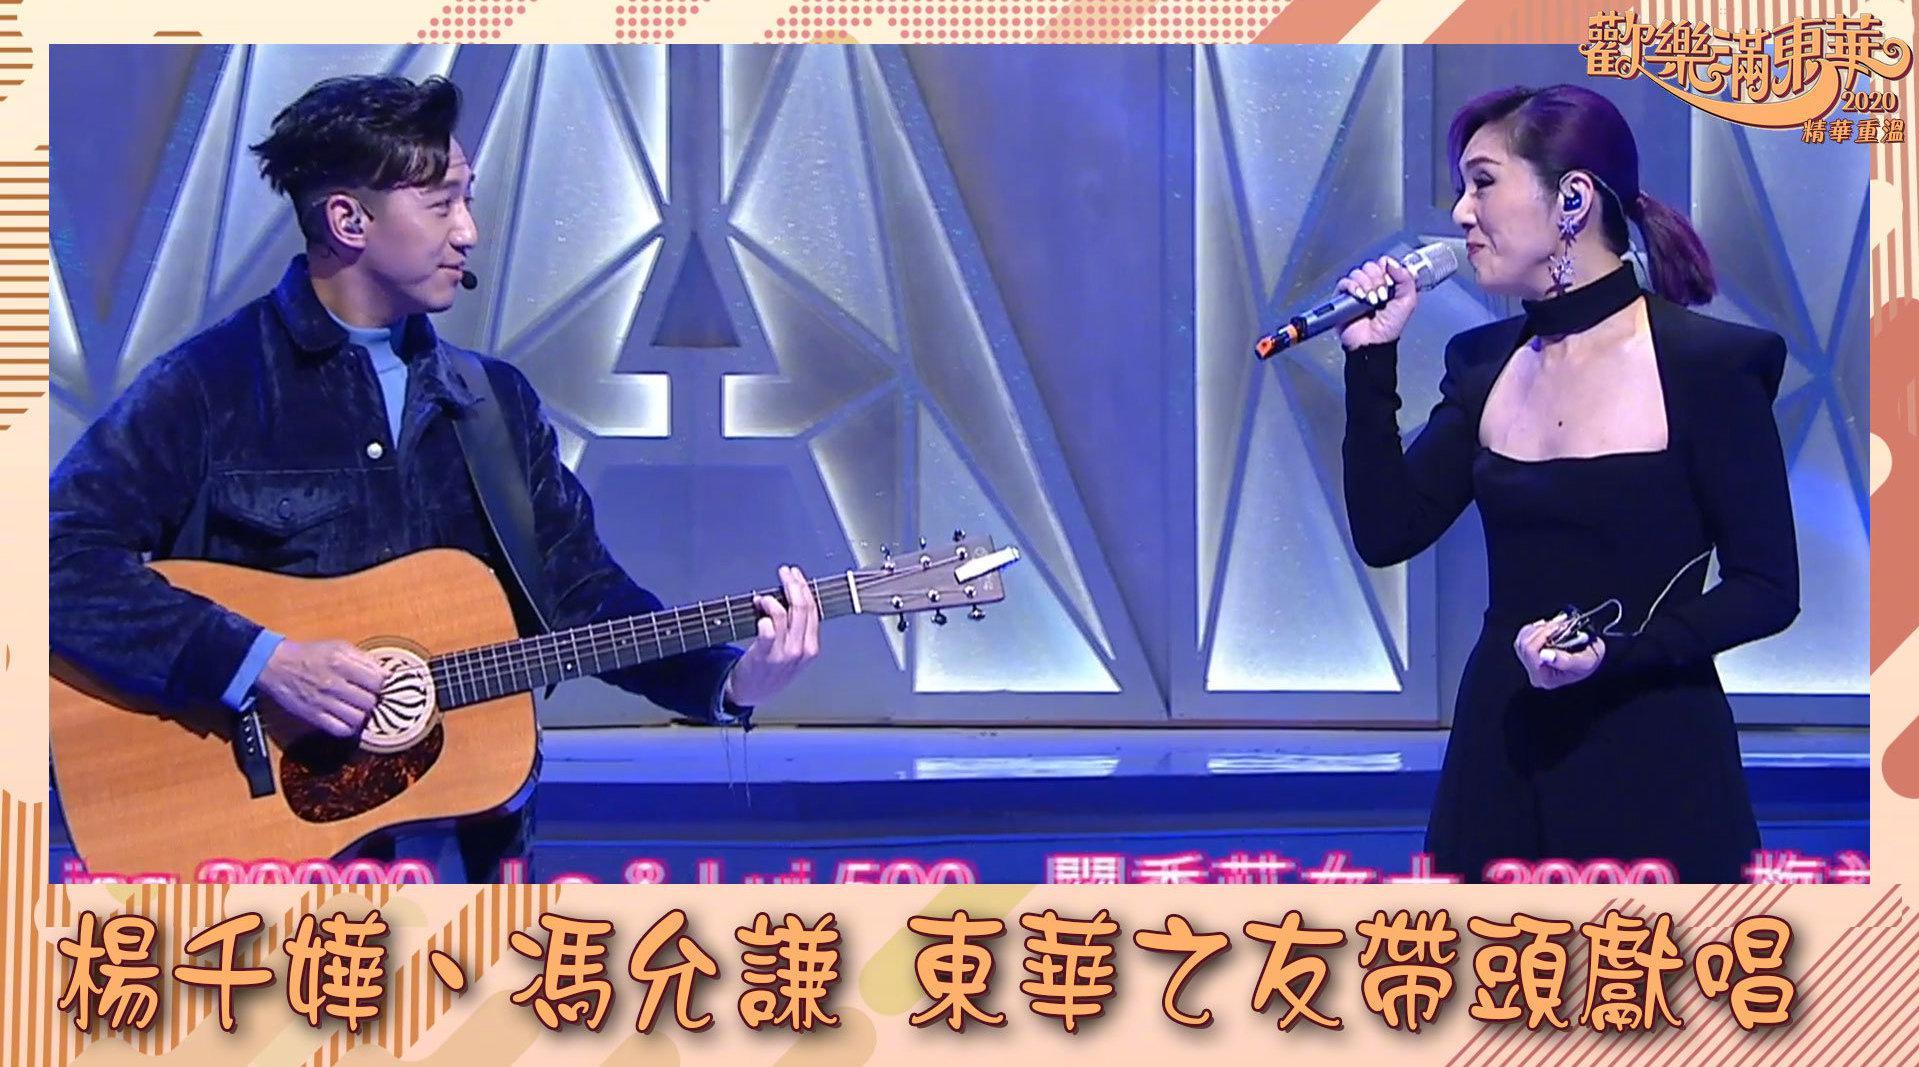 今晚,@杨千嬅 在TVB演唱三首金曲《可惜我是水瓶座》《火鸟》《炼金术》